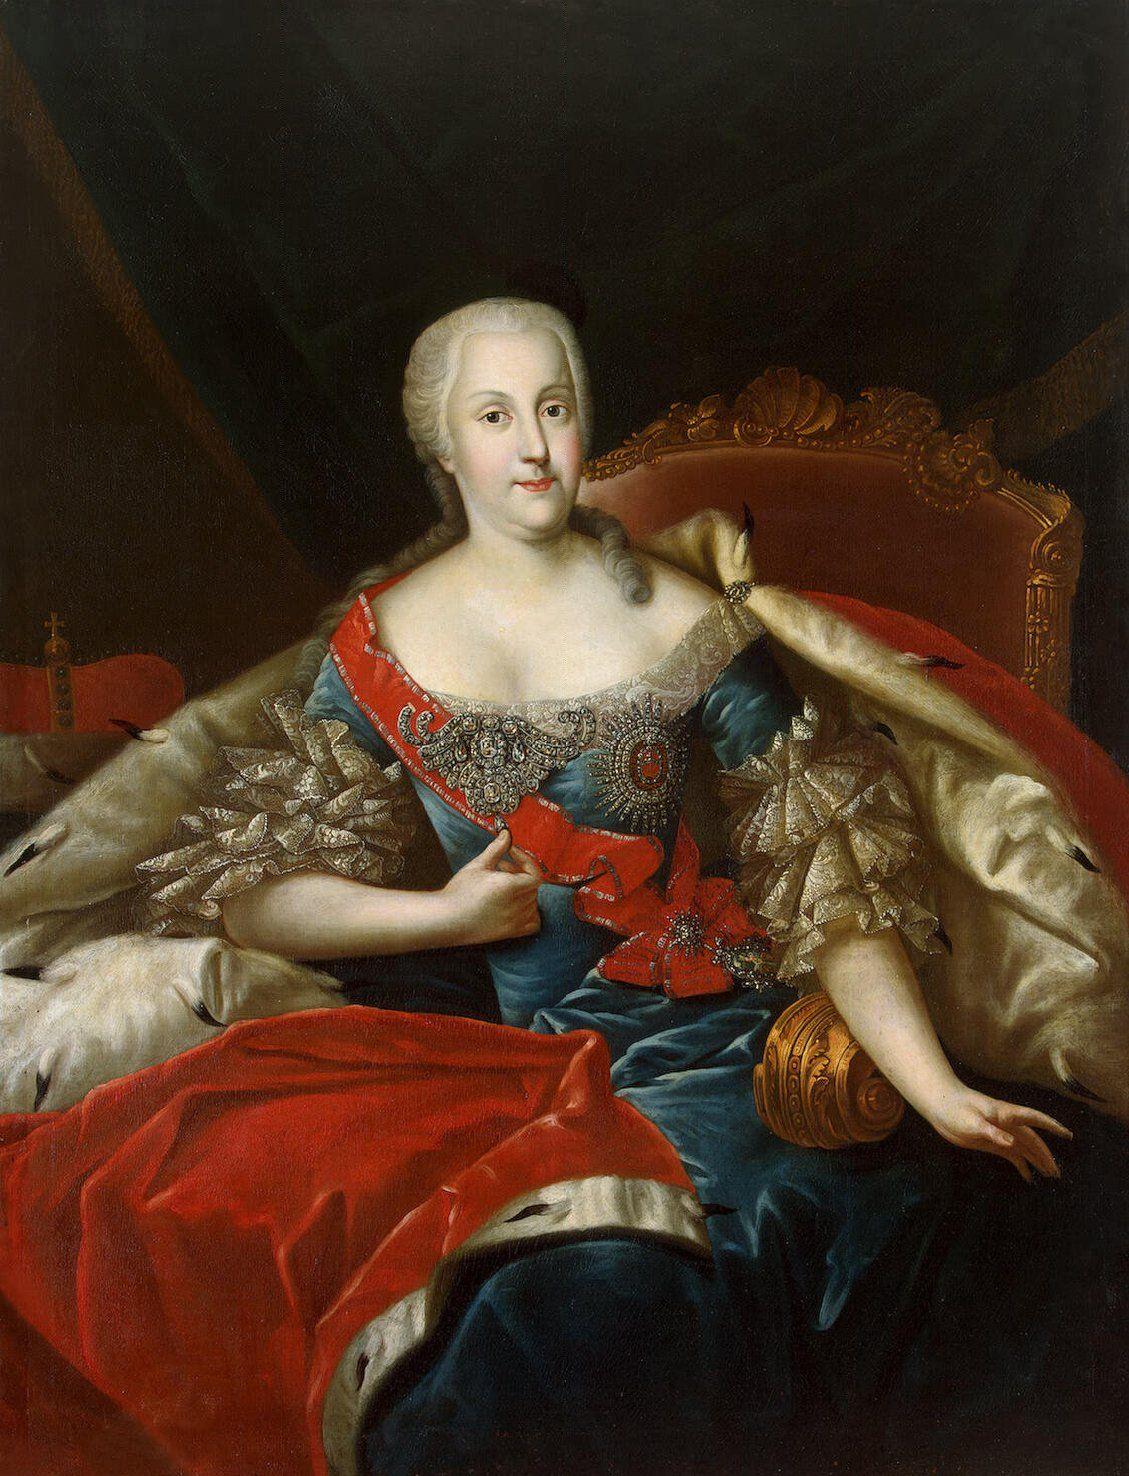 Joanna von Holstein-Gottorp. Nawet jej się nie śniło, że z pogardzanego przez nią kopciuszka wyrośnie caryca! (źródło: domena publiczna).